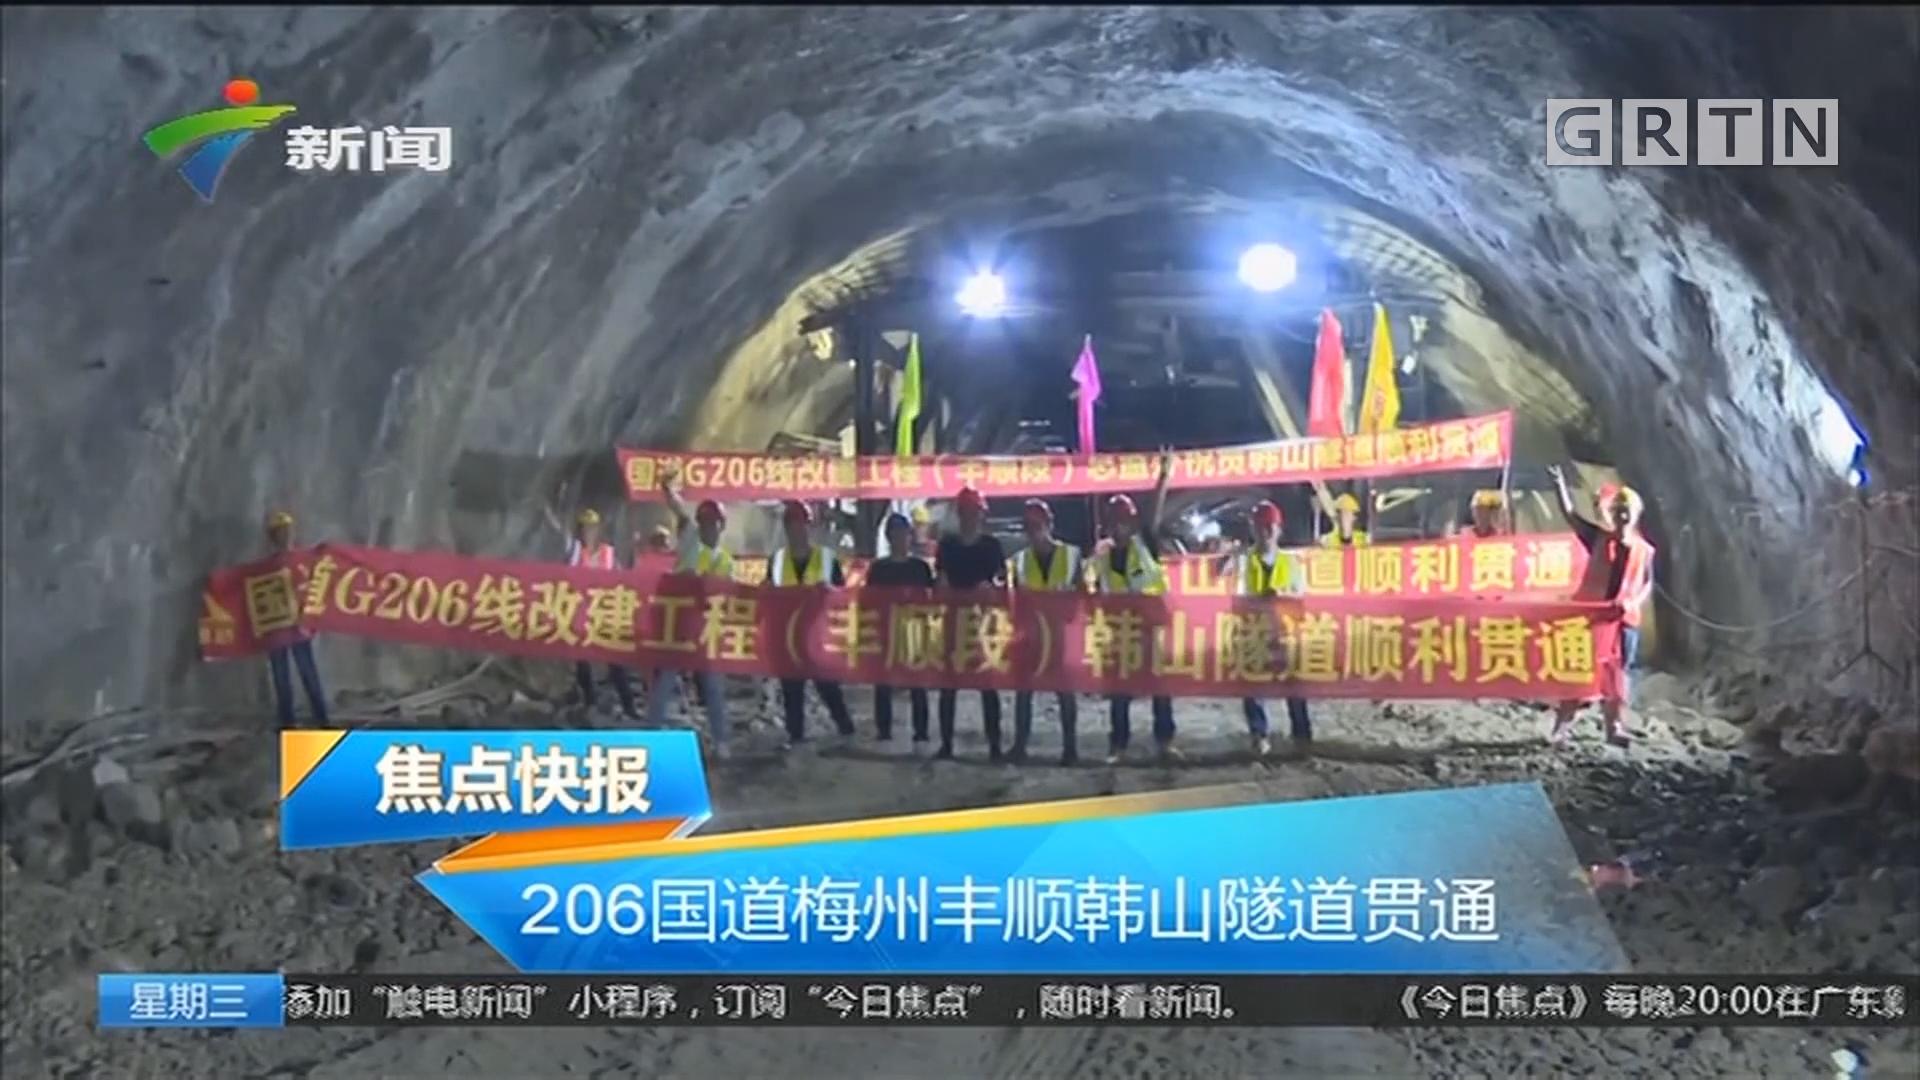 206国道梅州丰顺韩山隧道贯通